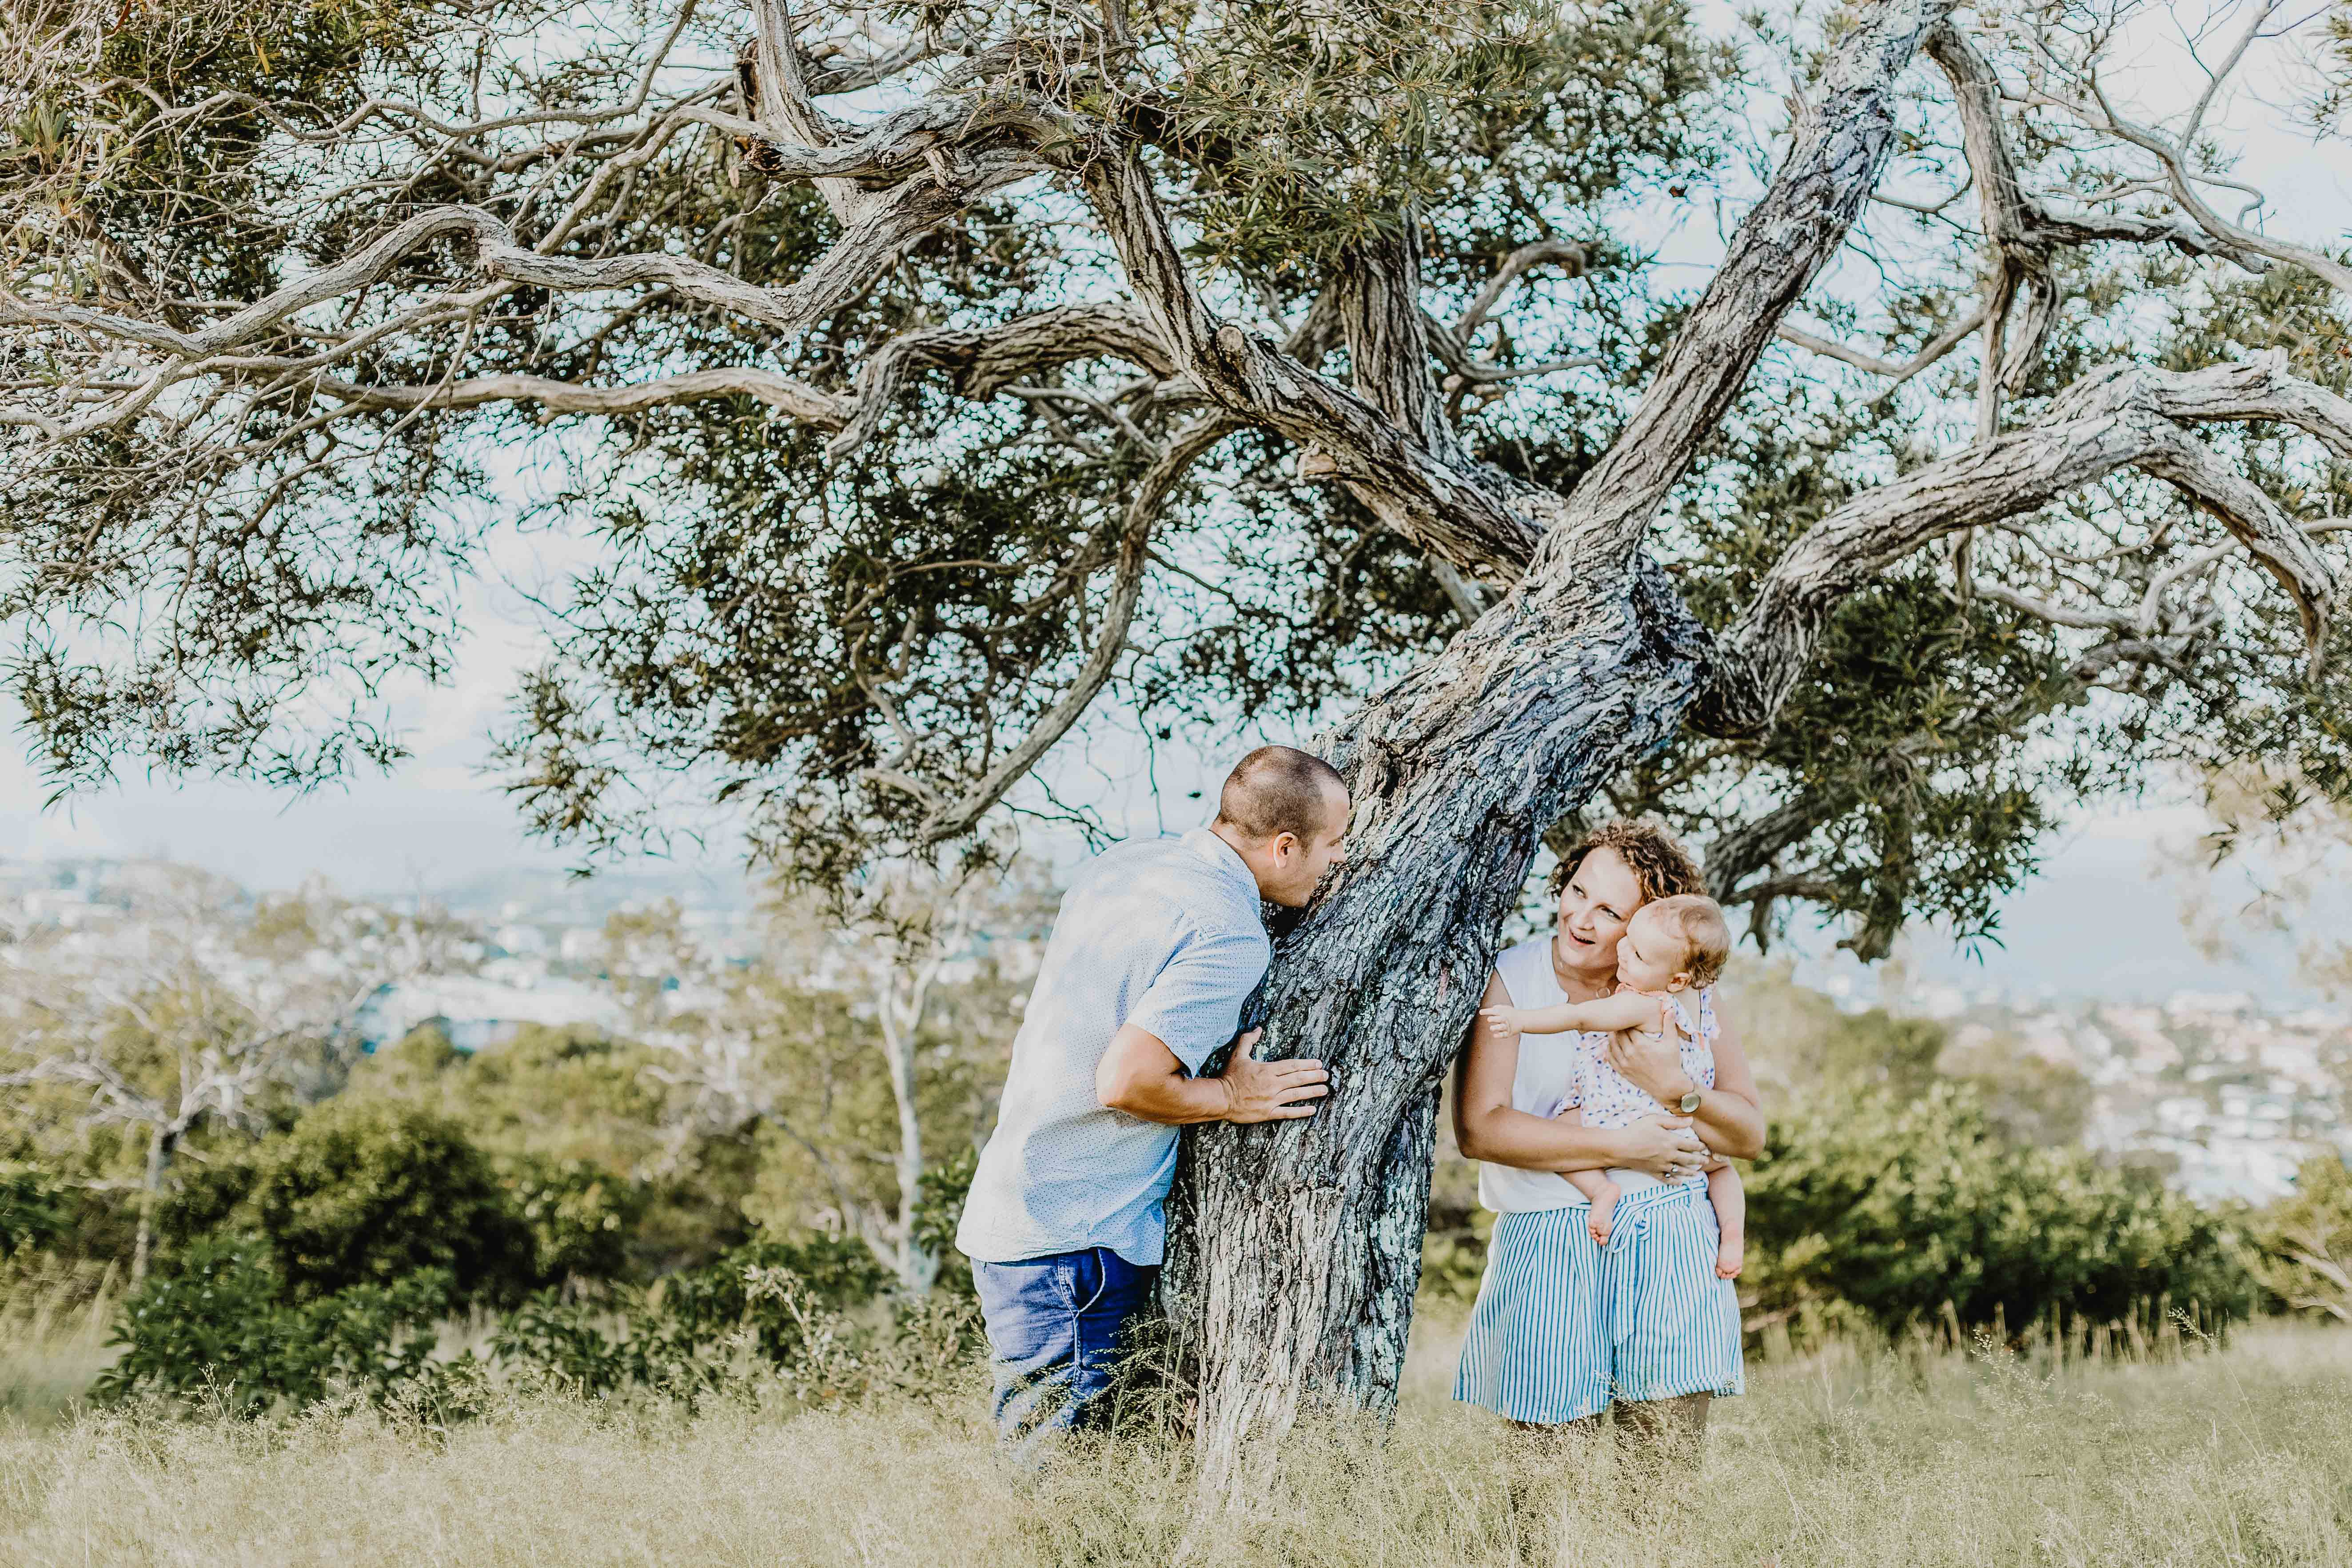 séance photo famille lifestyle en extérieur. les parents portent bébé près d'un arbre